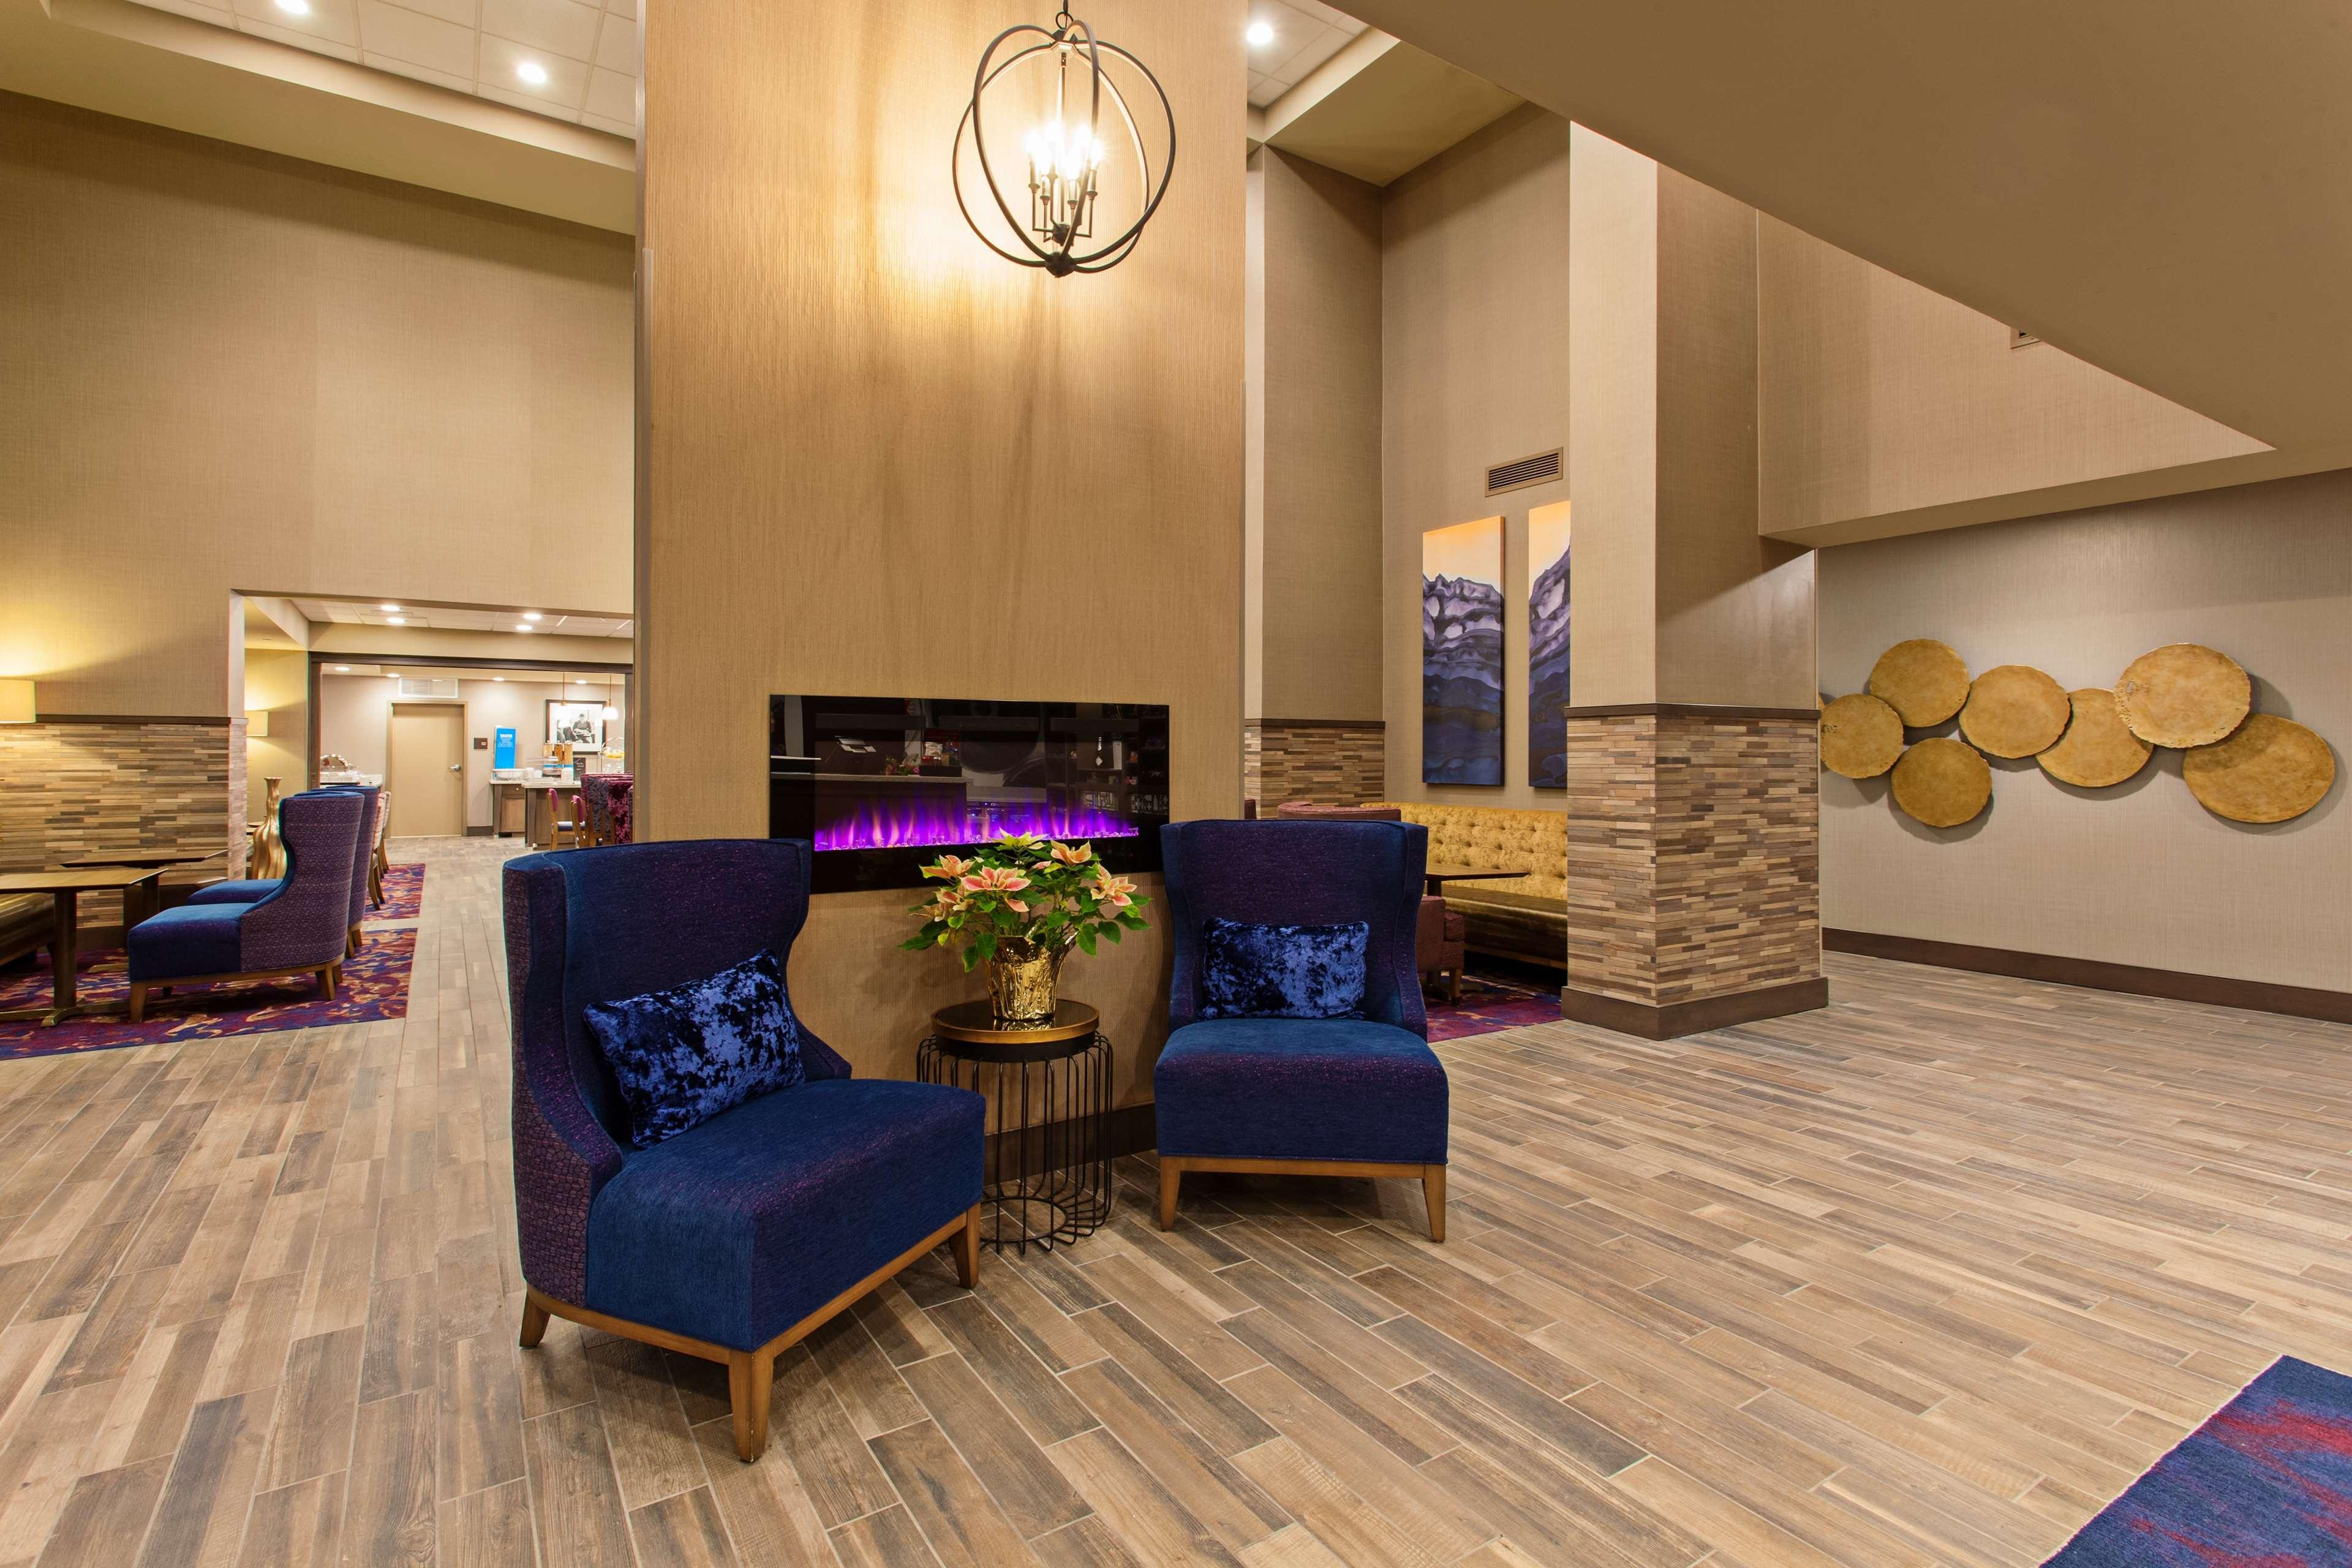 Hampton Inn & Suites Leavenworth image 4